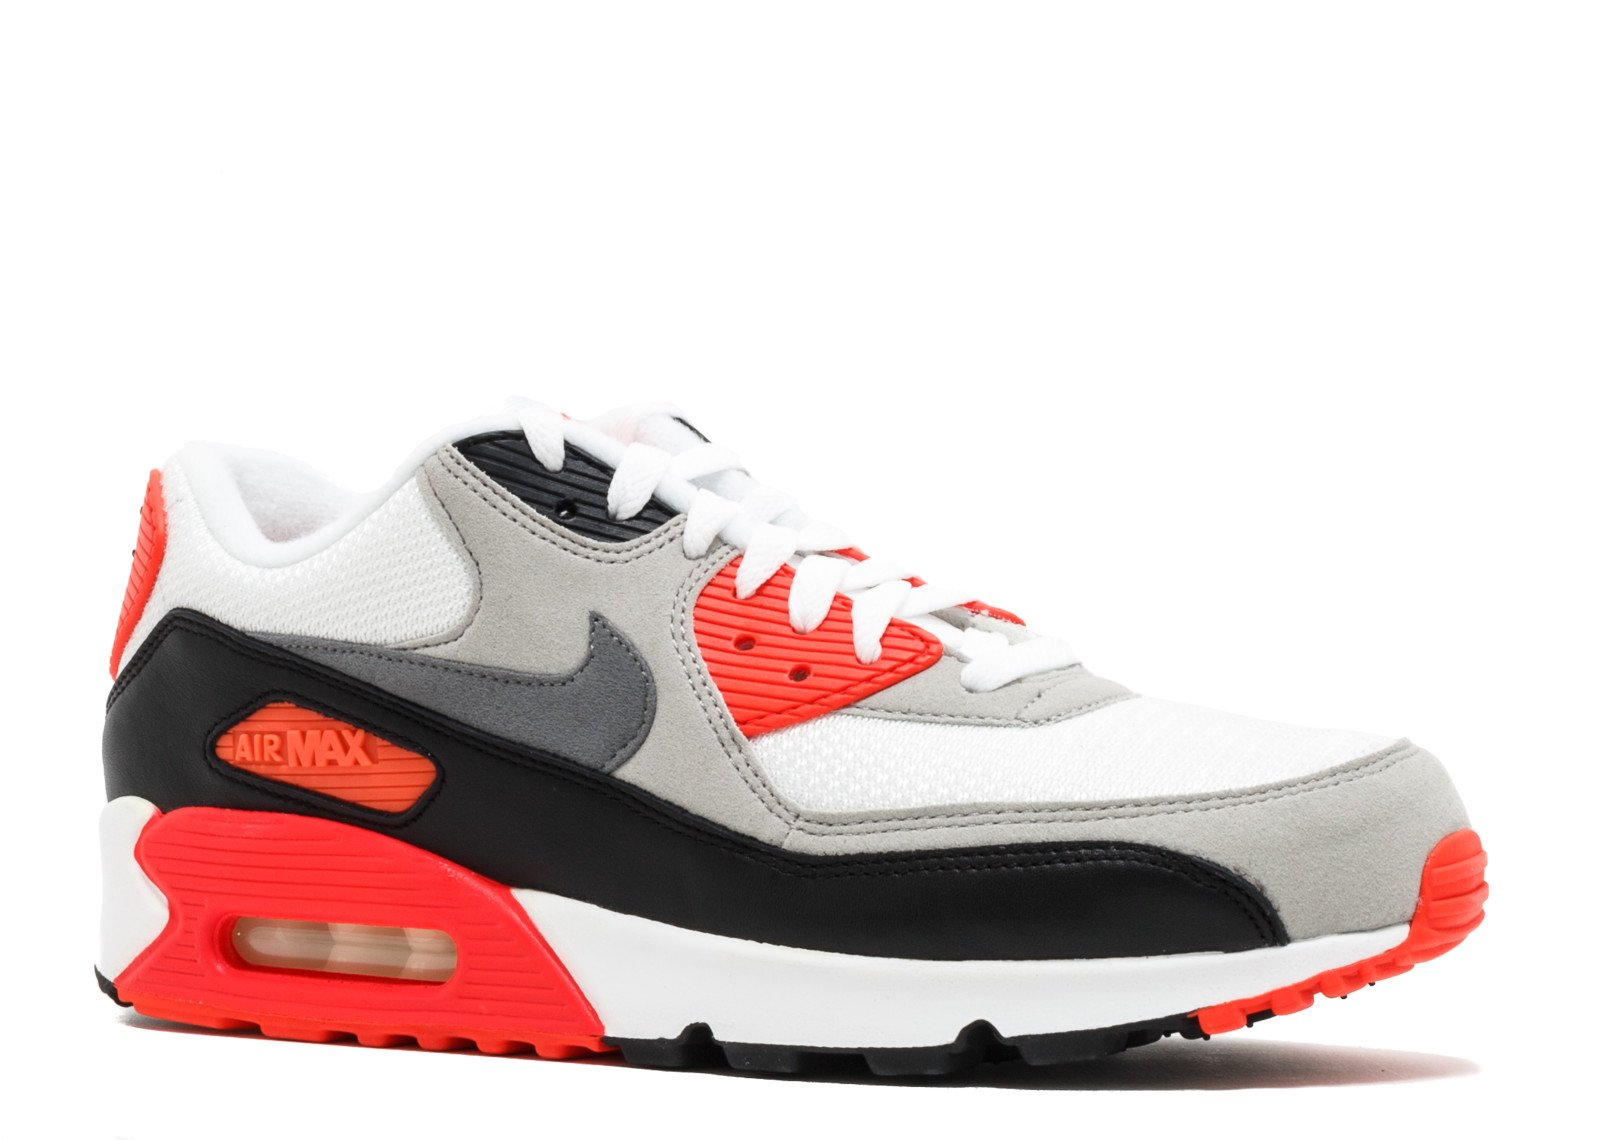 | Nike Air Max 90 OG Men's Running Shoes White